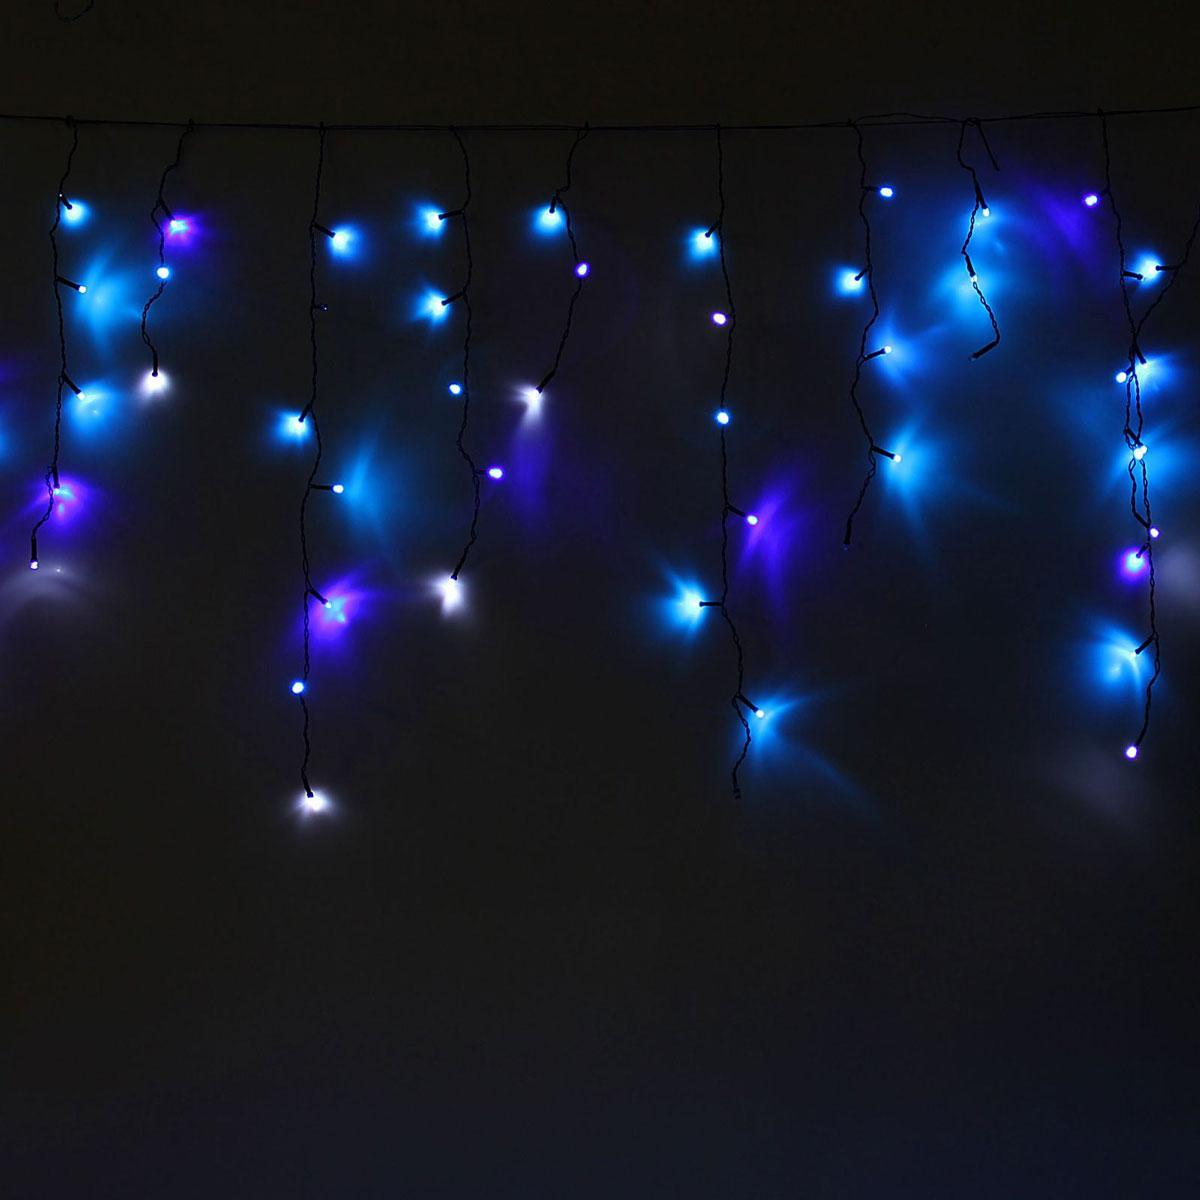 Гирлянда светодиодная Luazon Бахрома, эффект мерцания, 60 ламп, 220 V, цвет: синий, белый, 1,2 х 0,6 м. 10804121080412Светодиодные гирлянды, ленты и т.д — это отличный вариант для новогоднего оформления интерьера или фасада. С их помощью помещение любого размера можно превратить в праздничный зал, а внешние элементы зданий, украшенные ими, мгновенно станут напоминать очертания сказочного дворца. Такие украшения создают ауру предвкушения чуда. Деревья, фасады, витрины, окна и арки будто специально созданы, чтобы вы украсили их светящимися нитями.